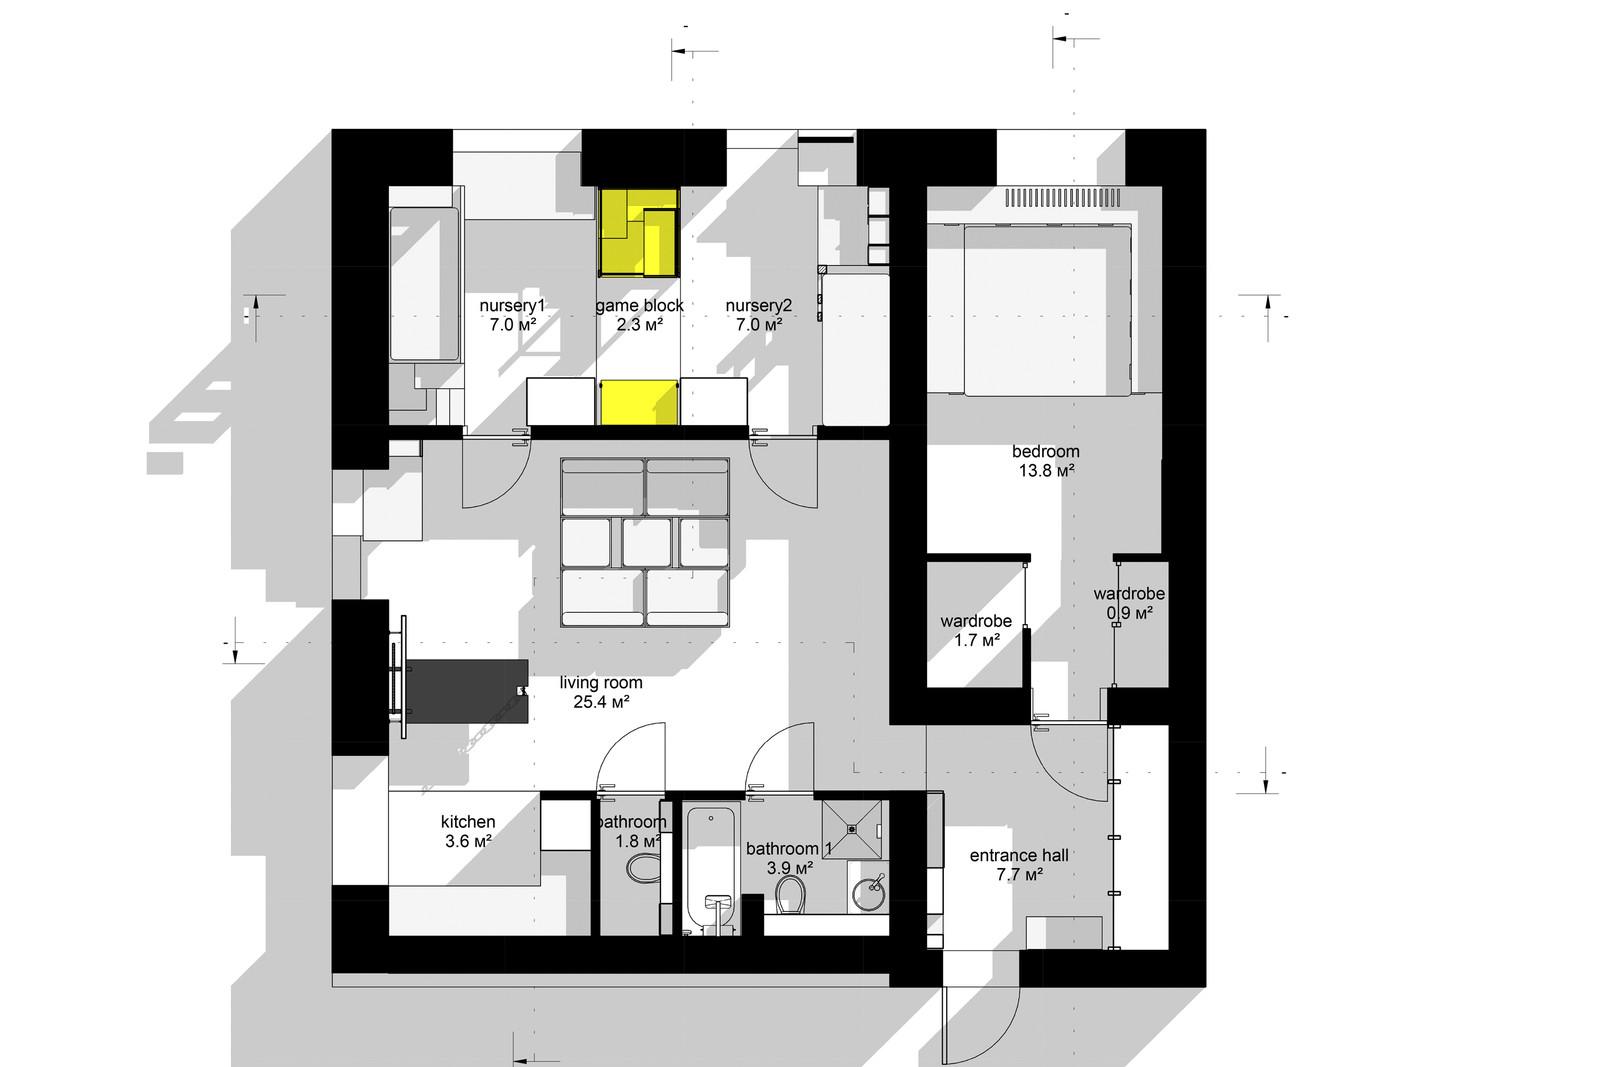 апартамент със зона за игра - 10